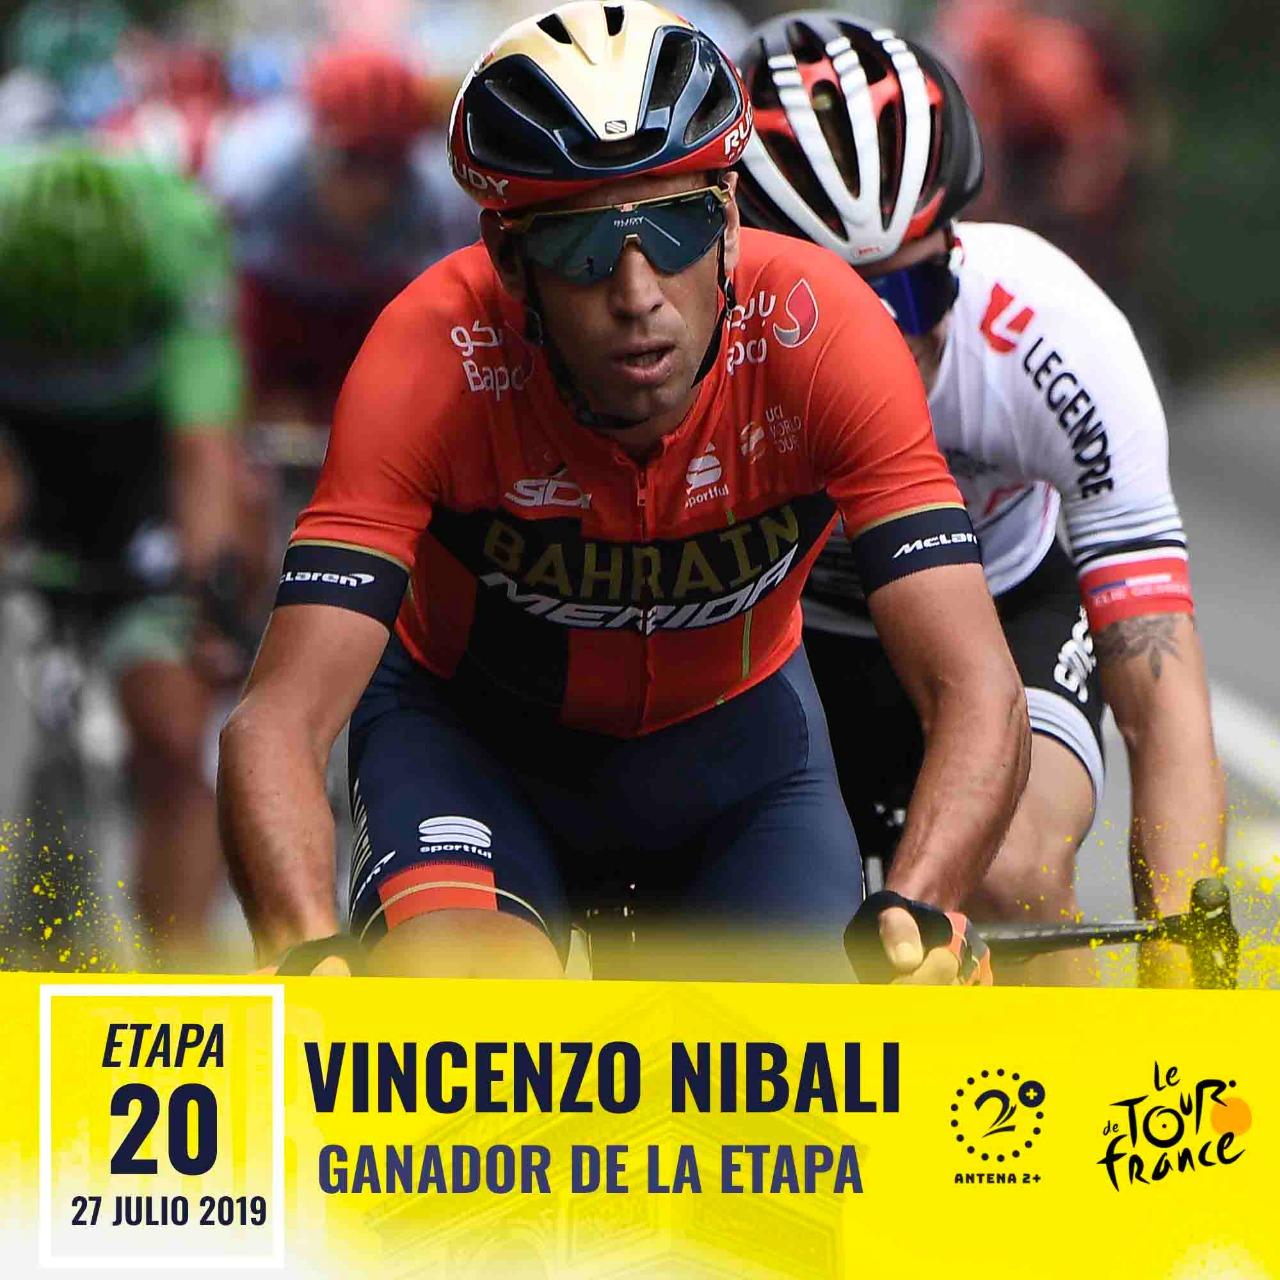 Nibali etapa 20